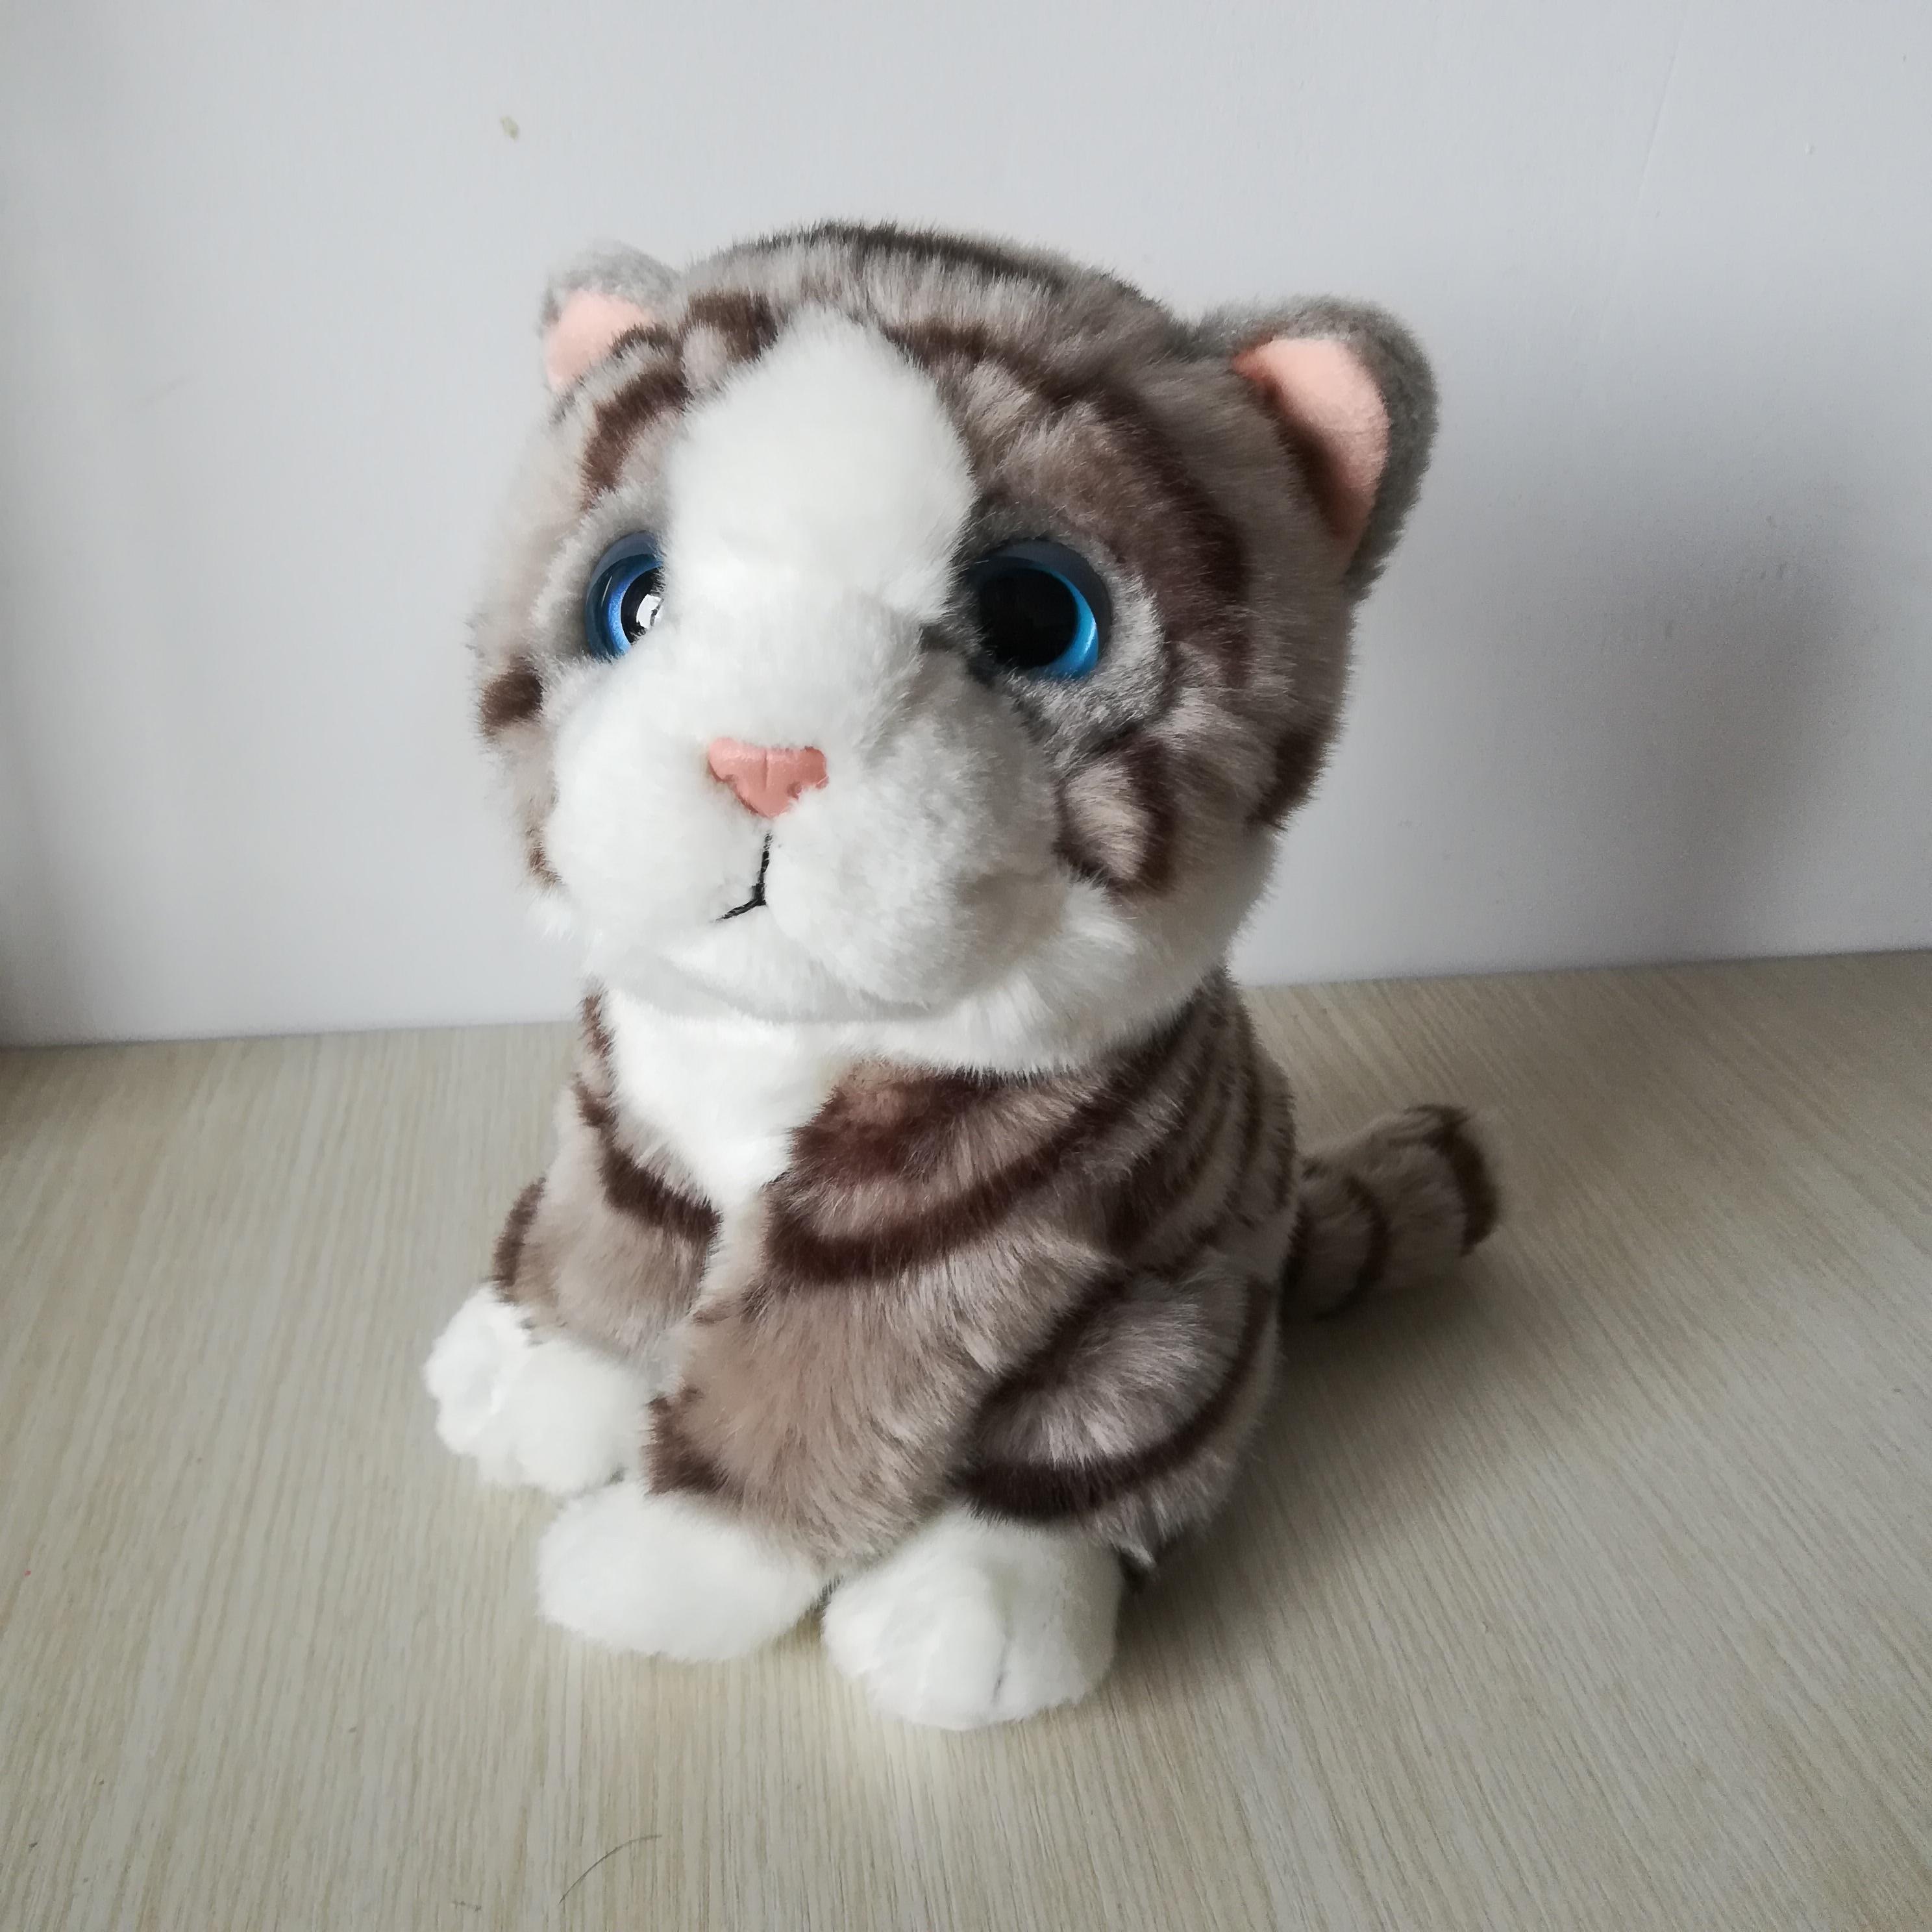 Environ 21cm chat squattant belle gris kitty doux poupée bébé jouet cadeau d'anniversaire s0165